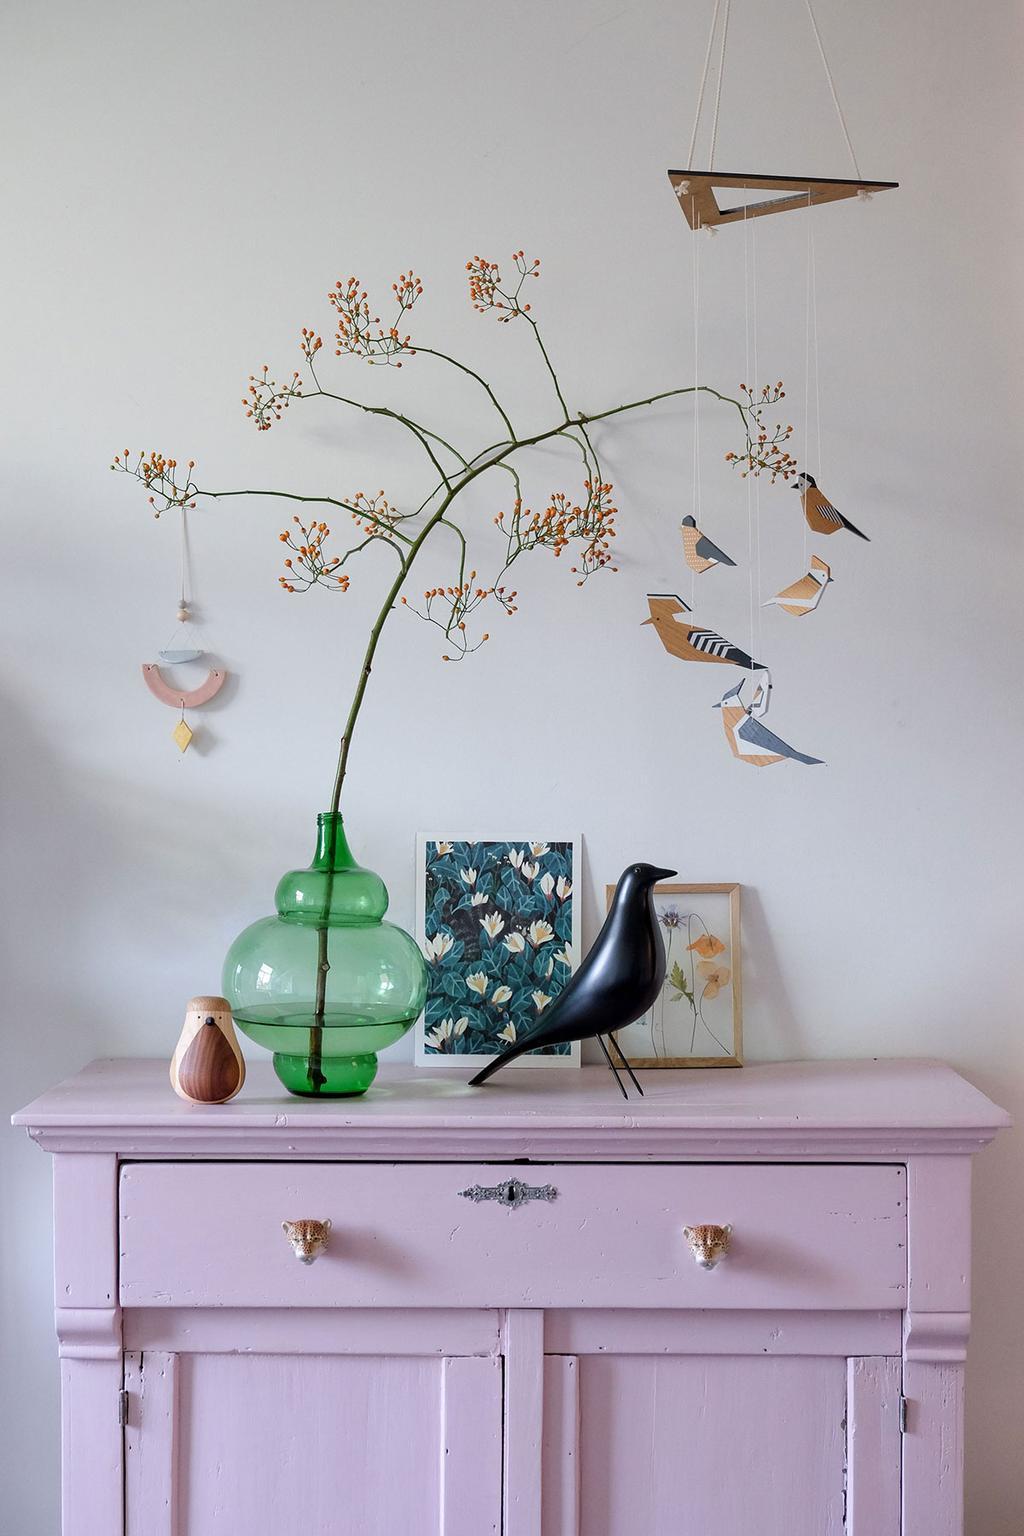 Mobiel van Projekt Dzioopla met vogels boven een roze kastje